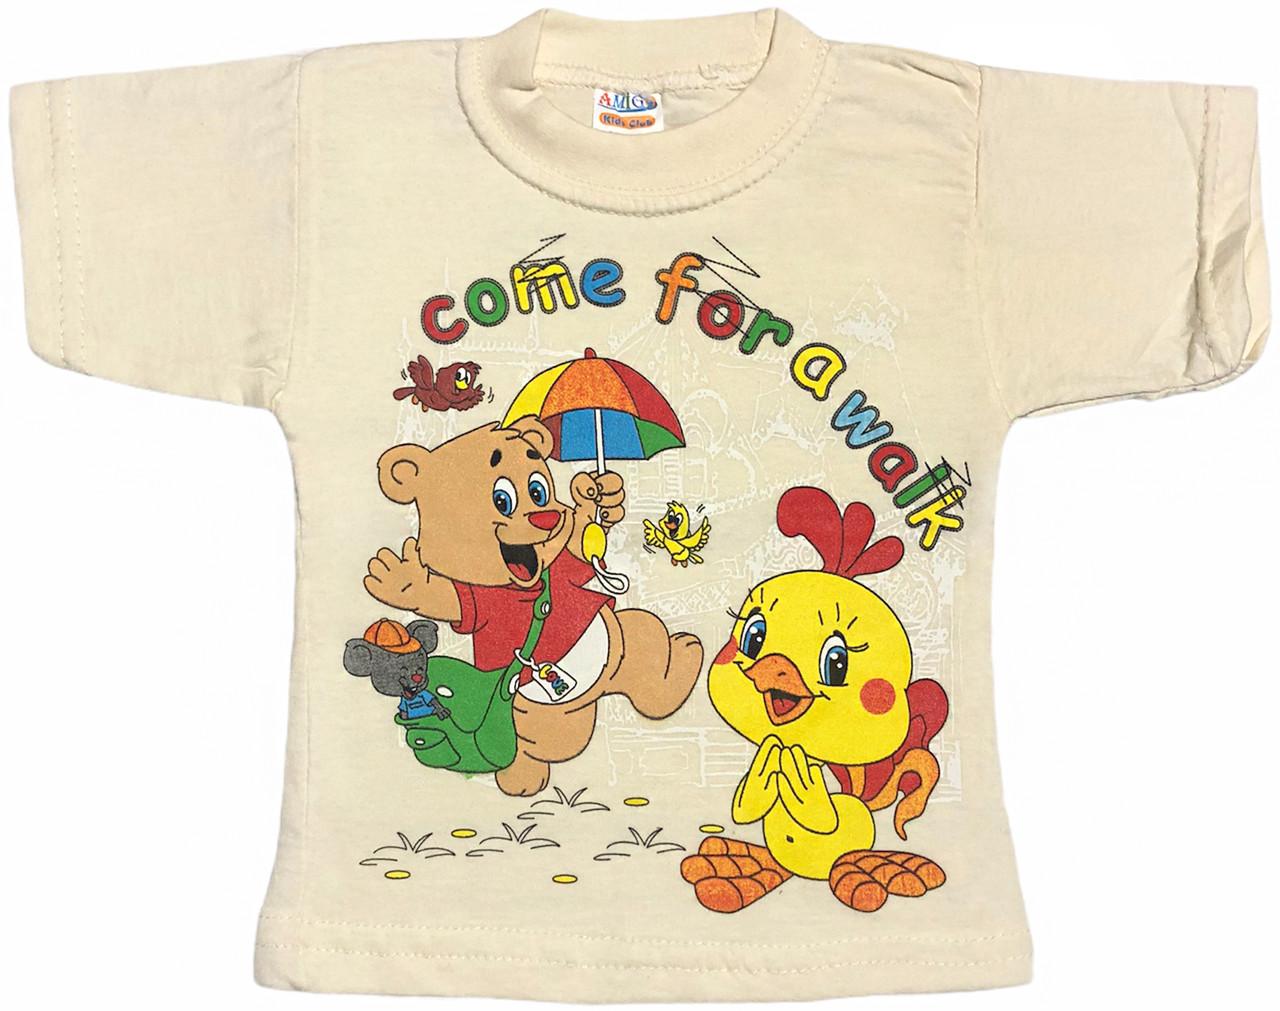 Детская футболка для новорожденных малышей рост 80 9-12 мес на мальчика девочку красивая трикотажная молочная